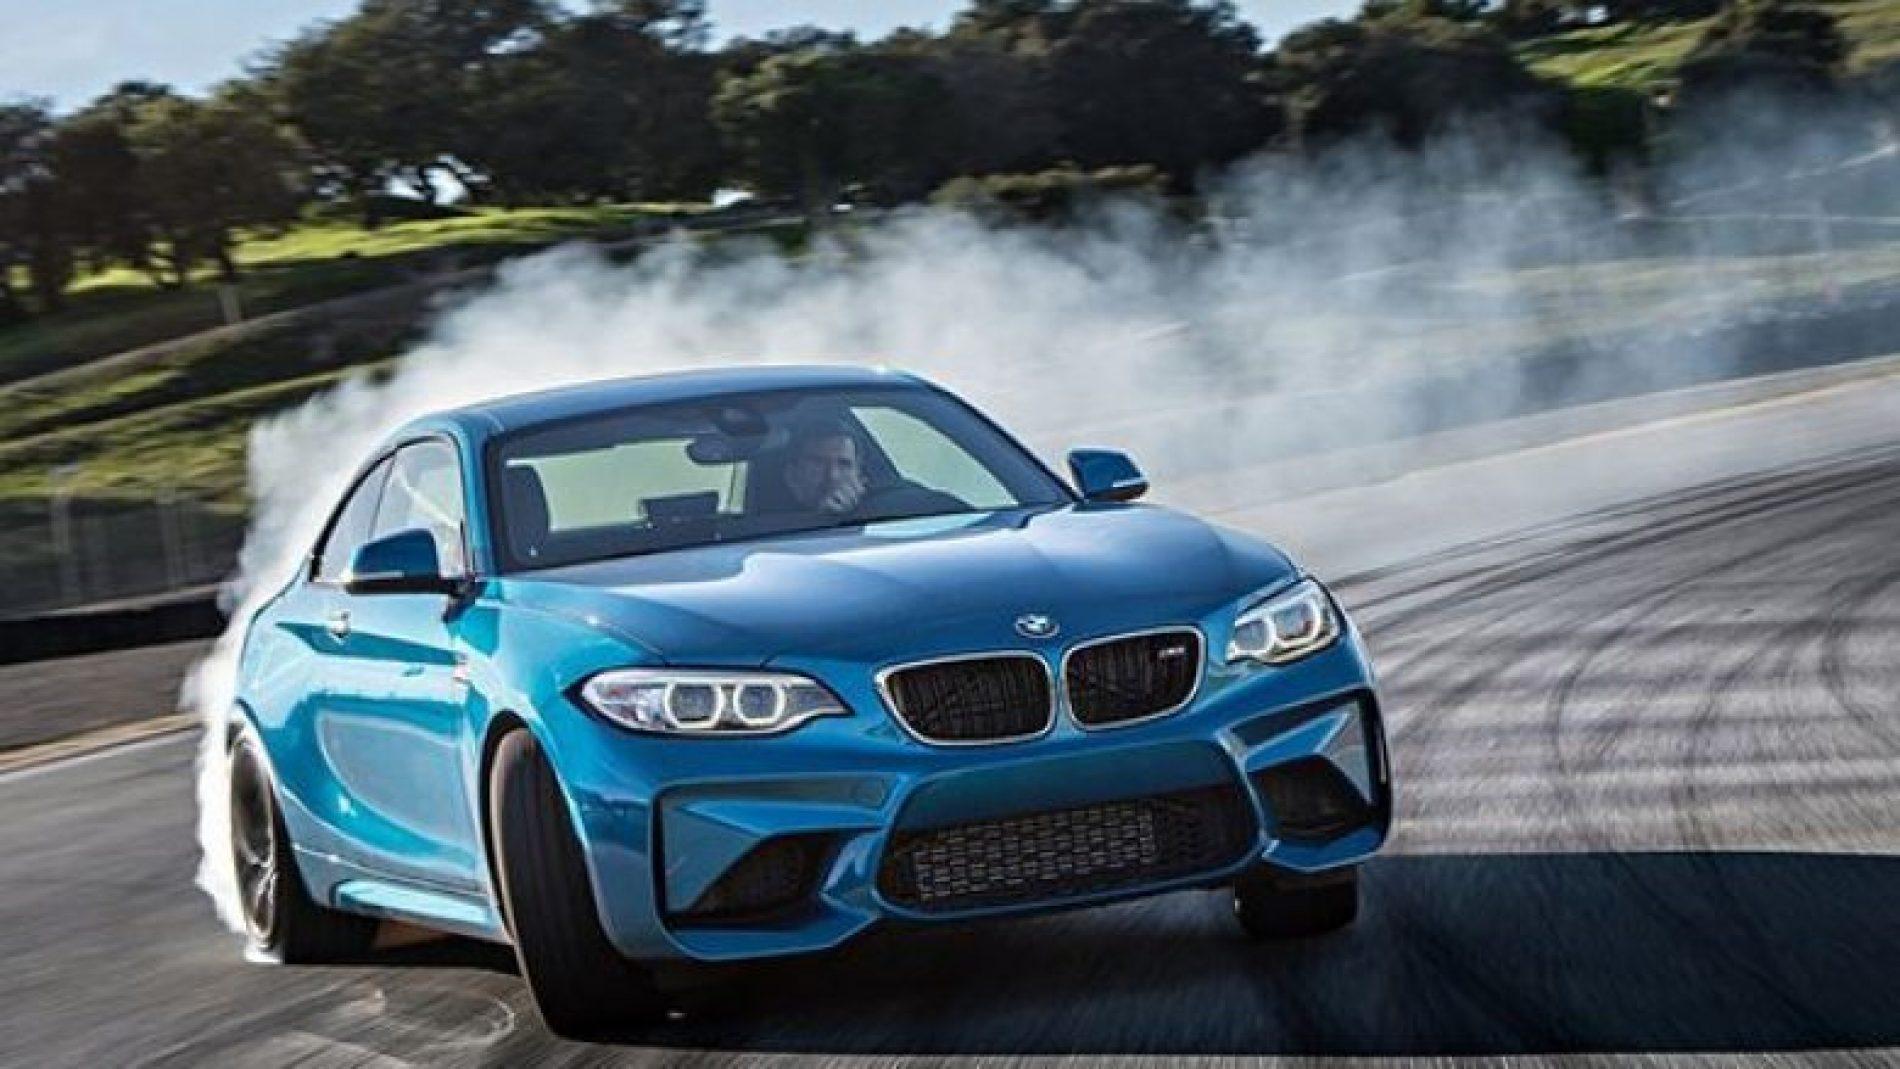 Modelet M Devision të BMW-së, së shpejti do të lëvizin me energji elektrike (Foto)